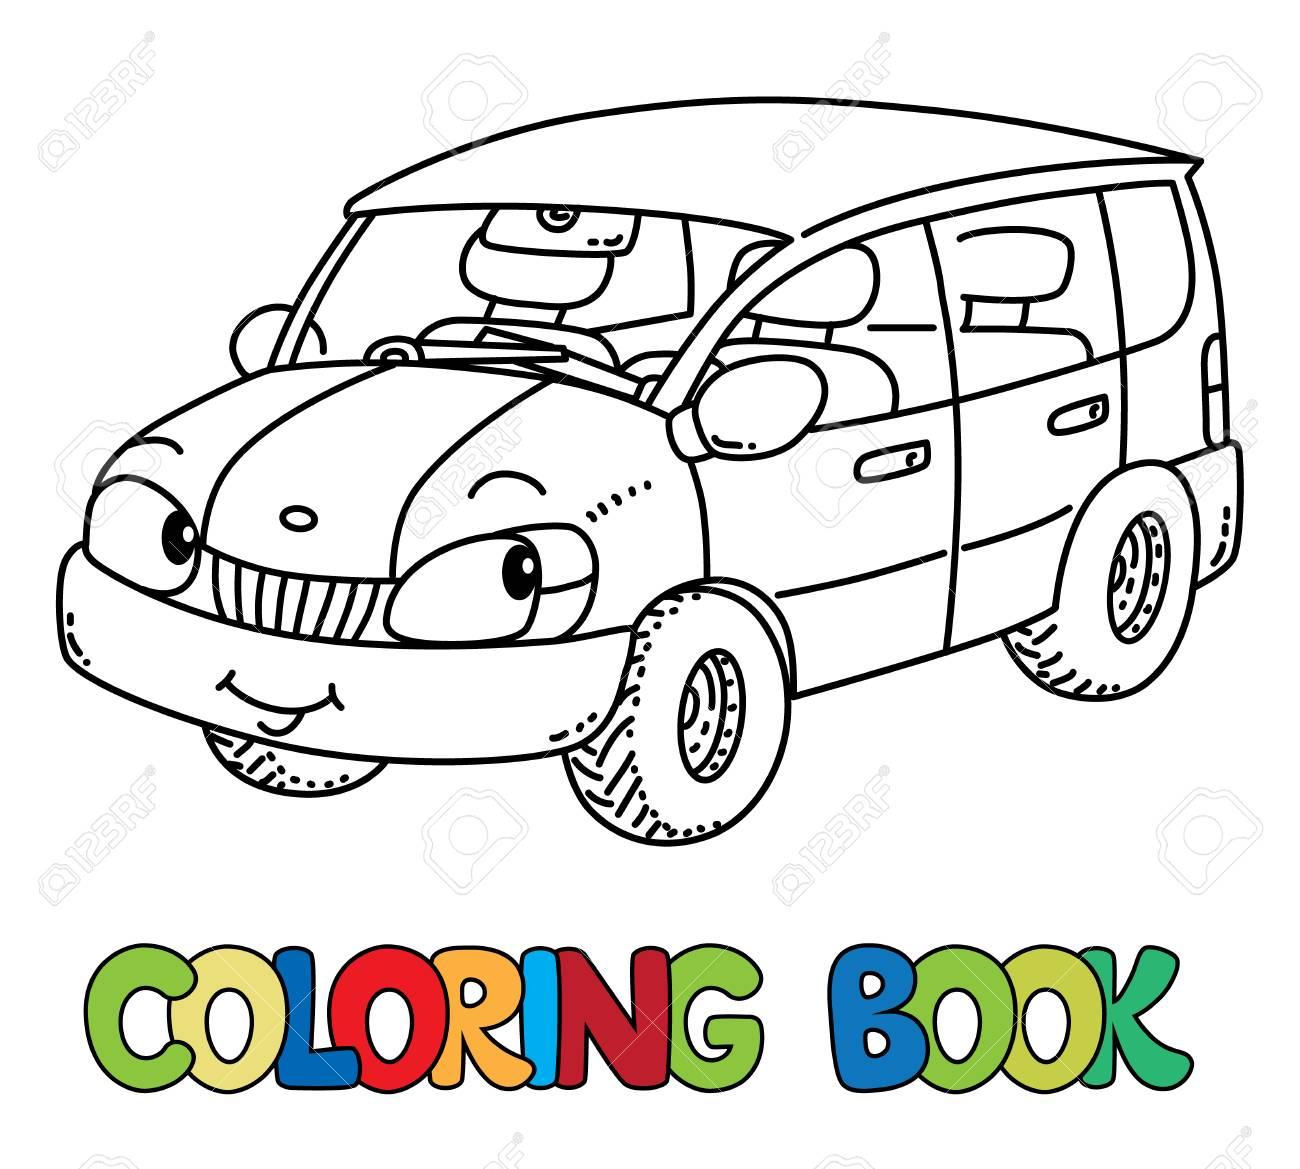 目で変な小さな車塗り絵のイラスト素材ベクタ Image 86895000